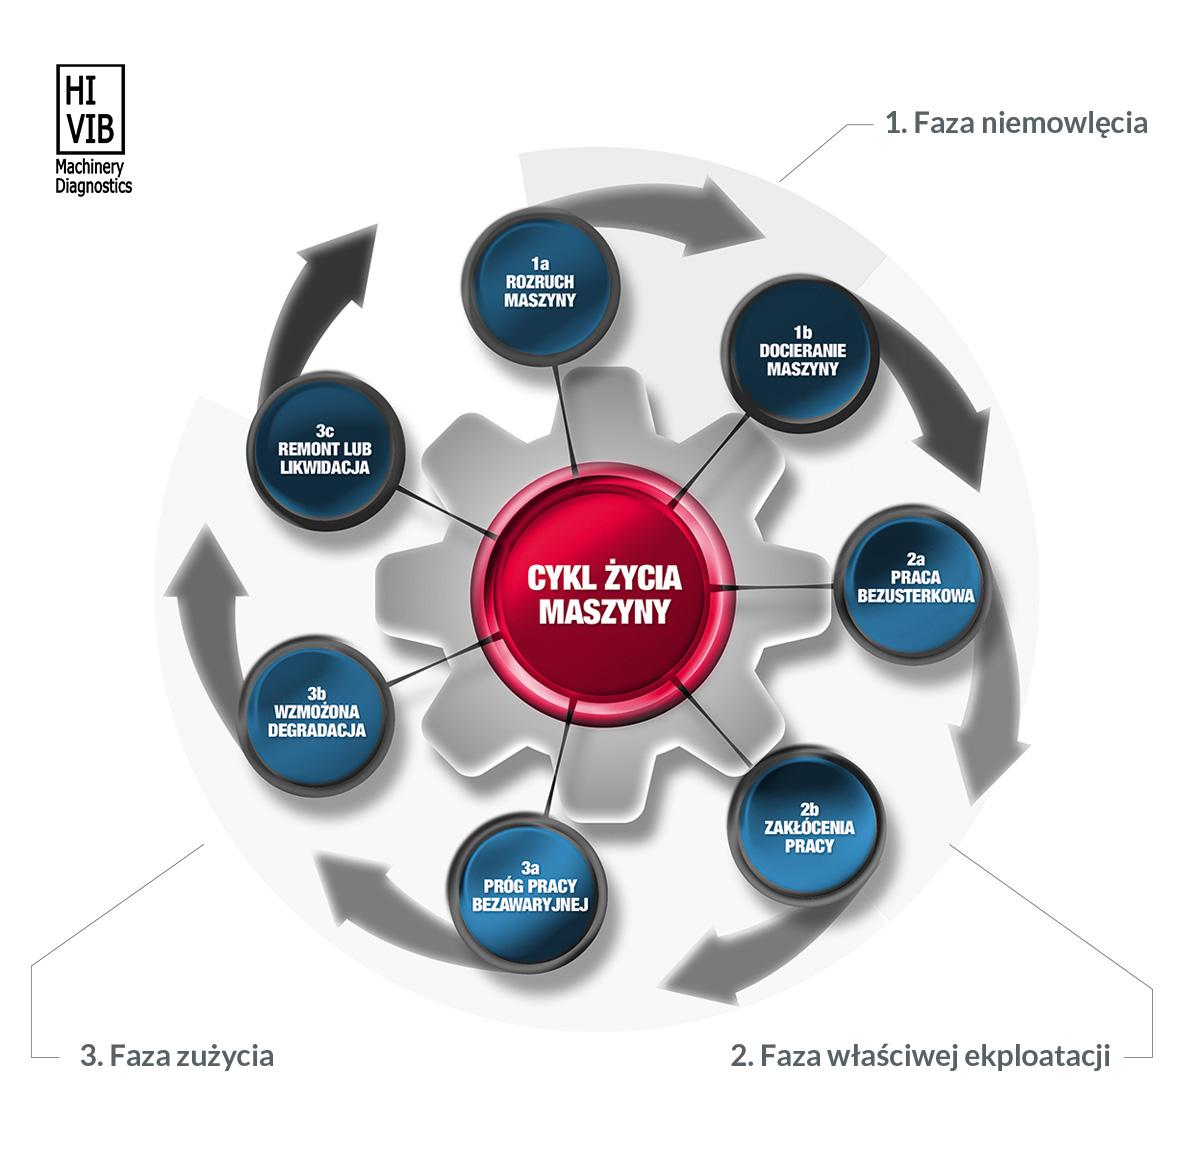 Cykla życia maszyny